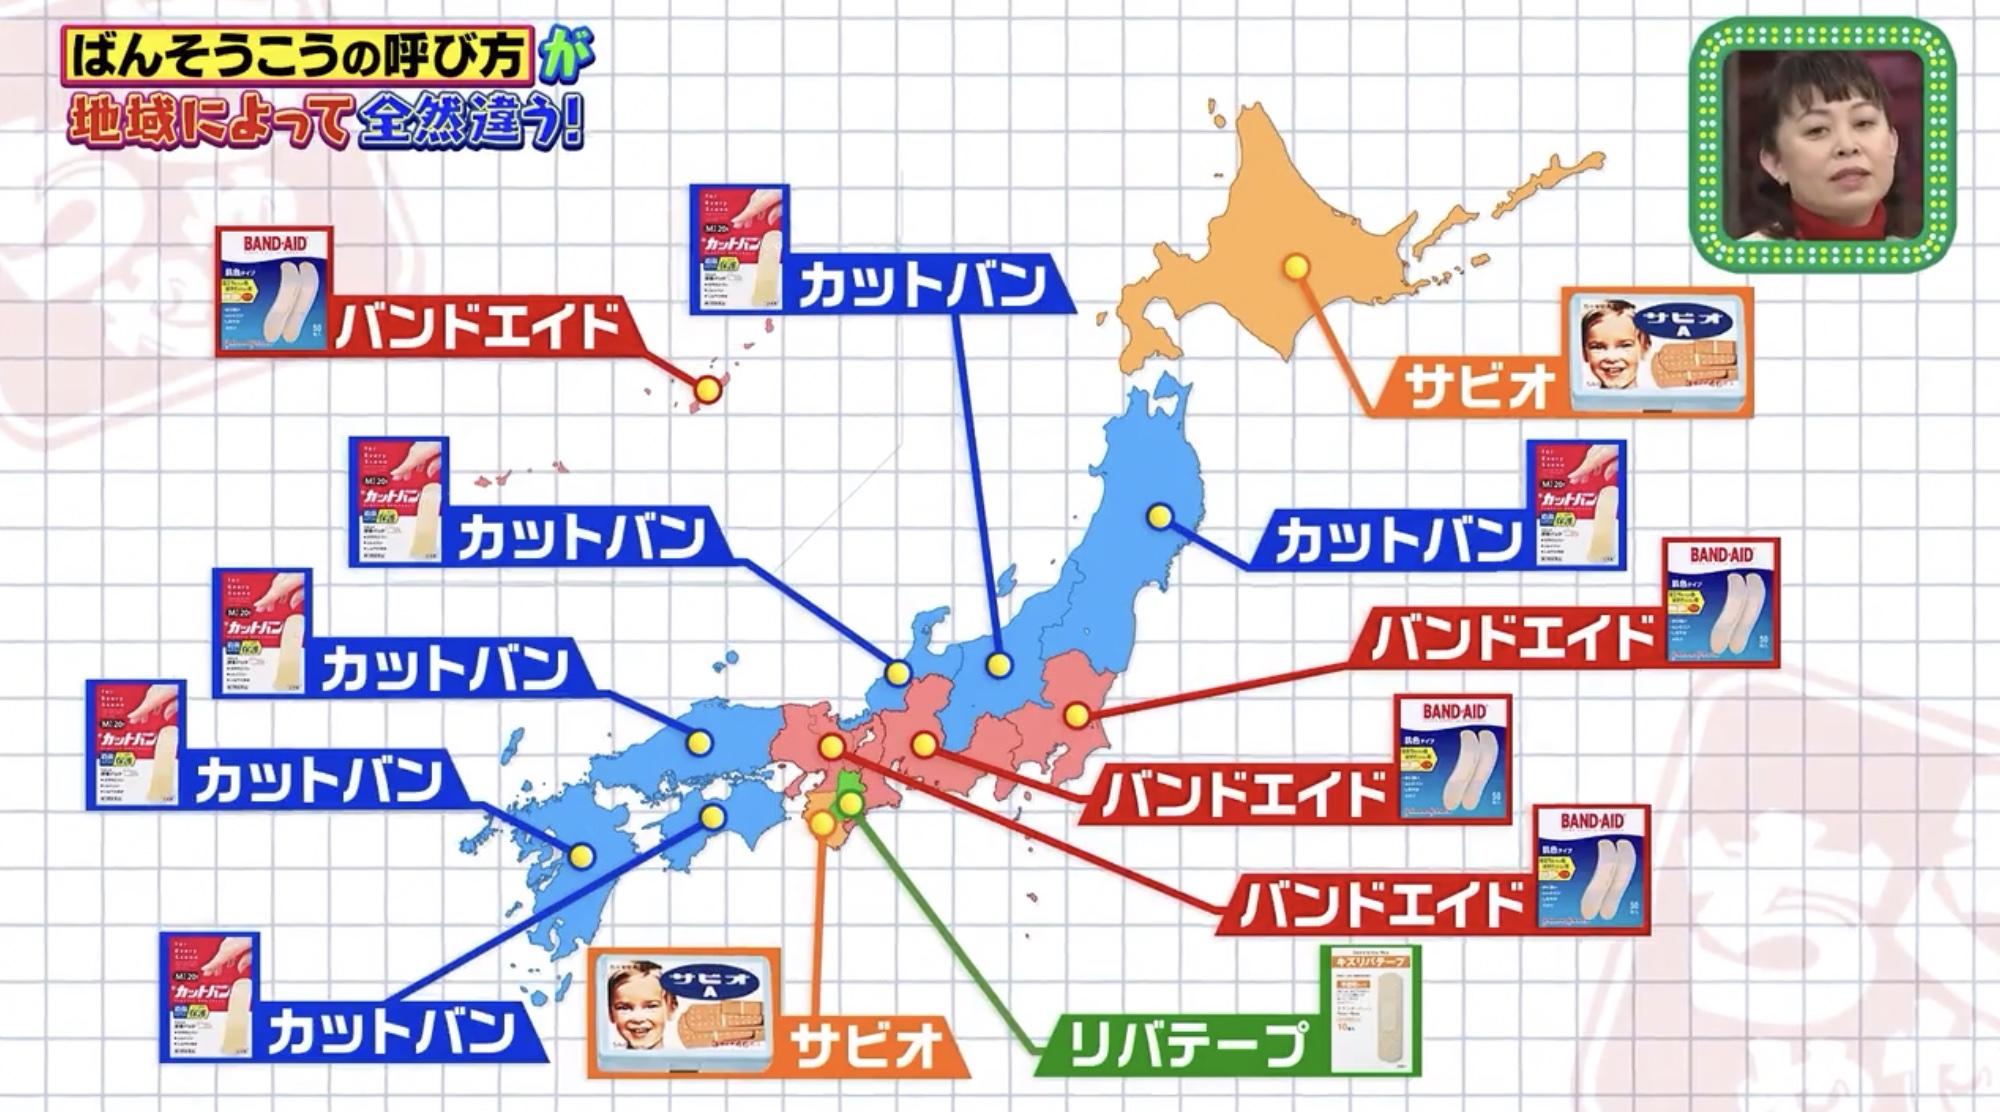 f:id:hiro-jp:20210220015657j:plain